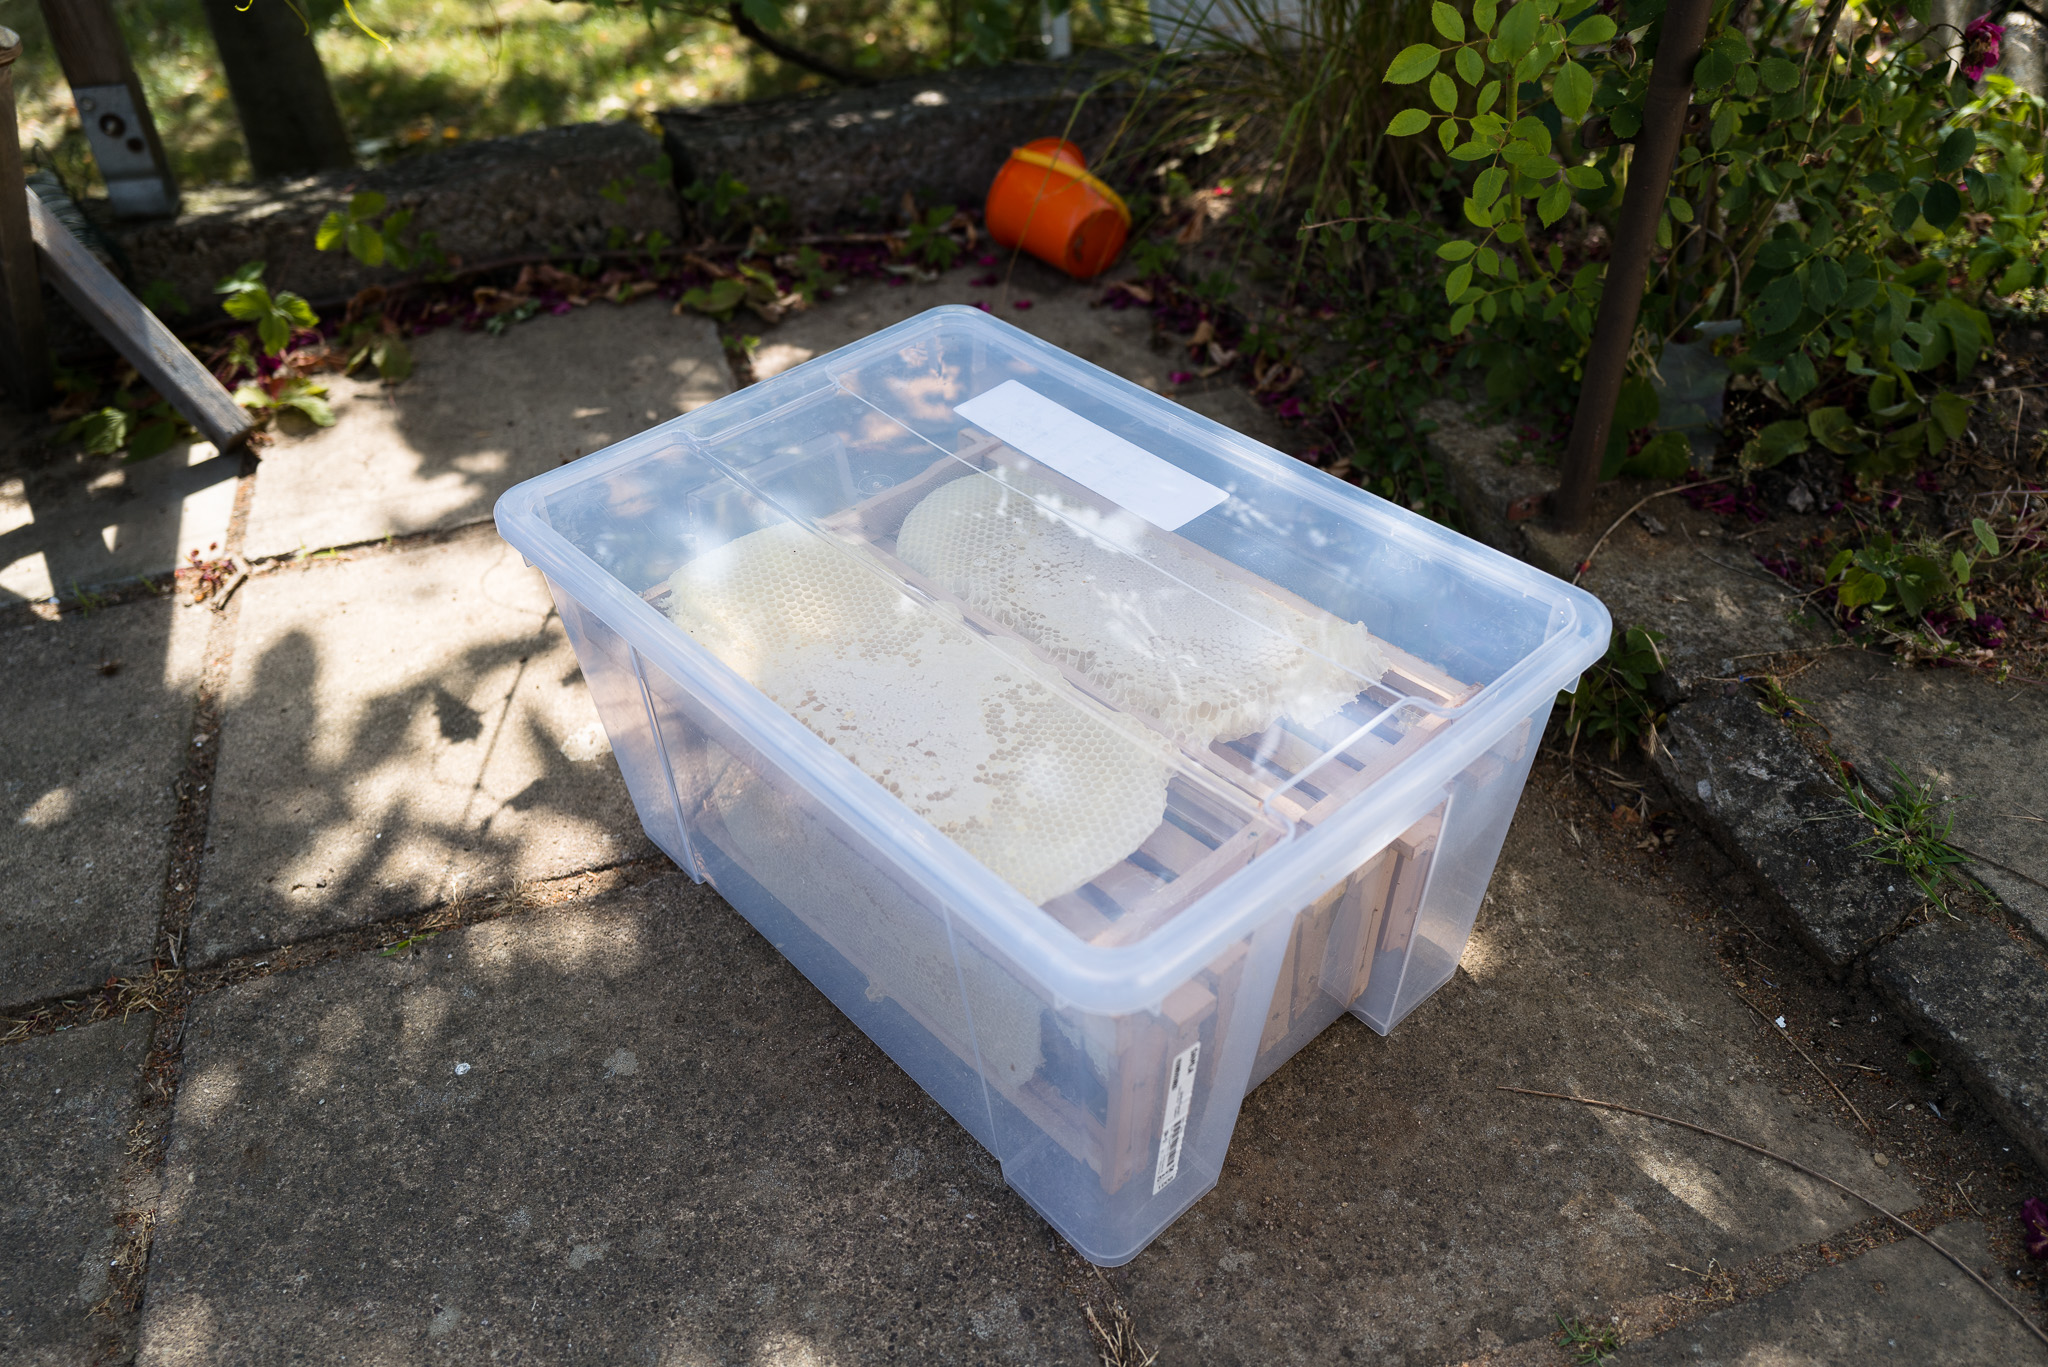 Imker - die Rahmen in einer Box